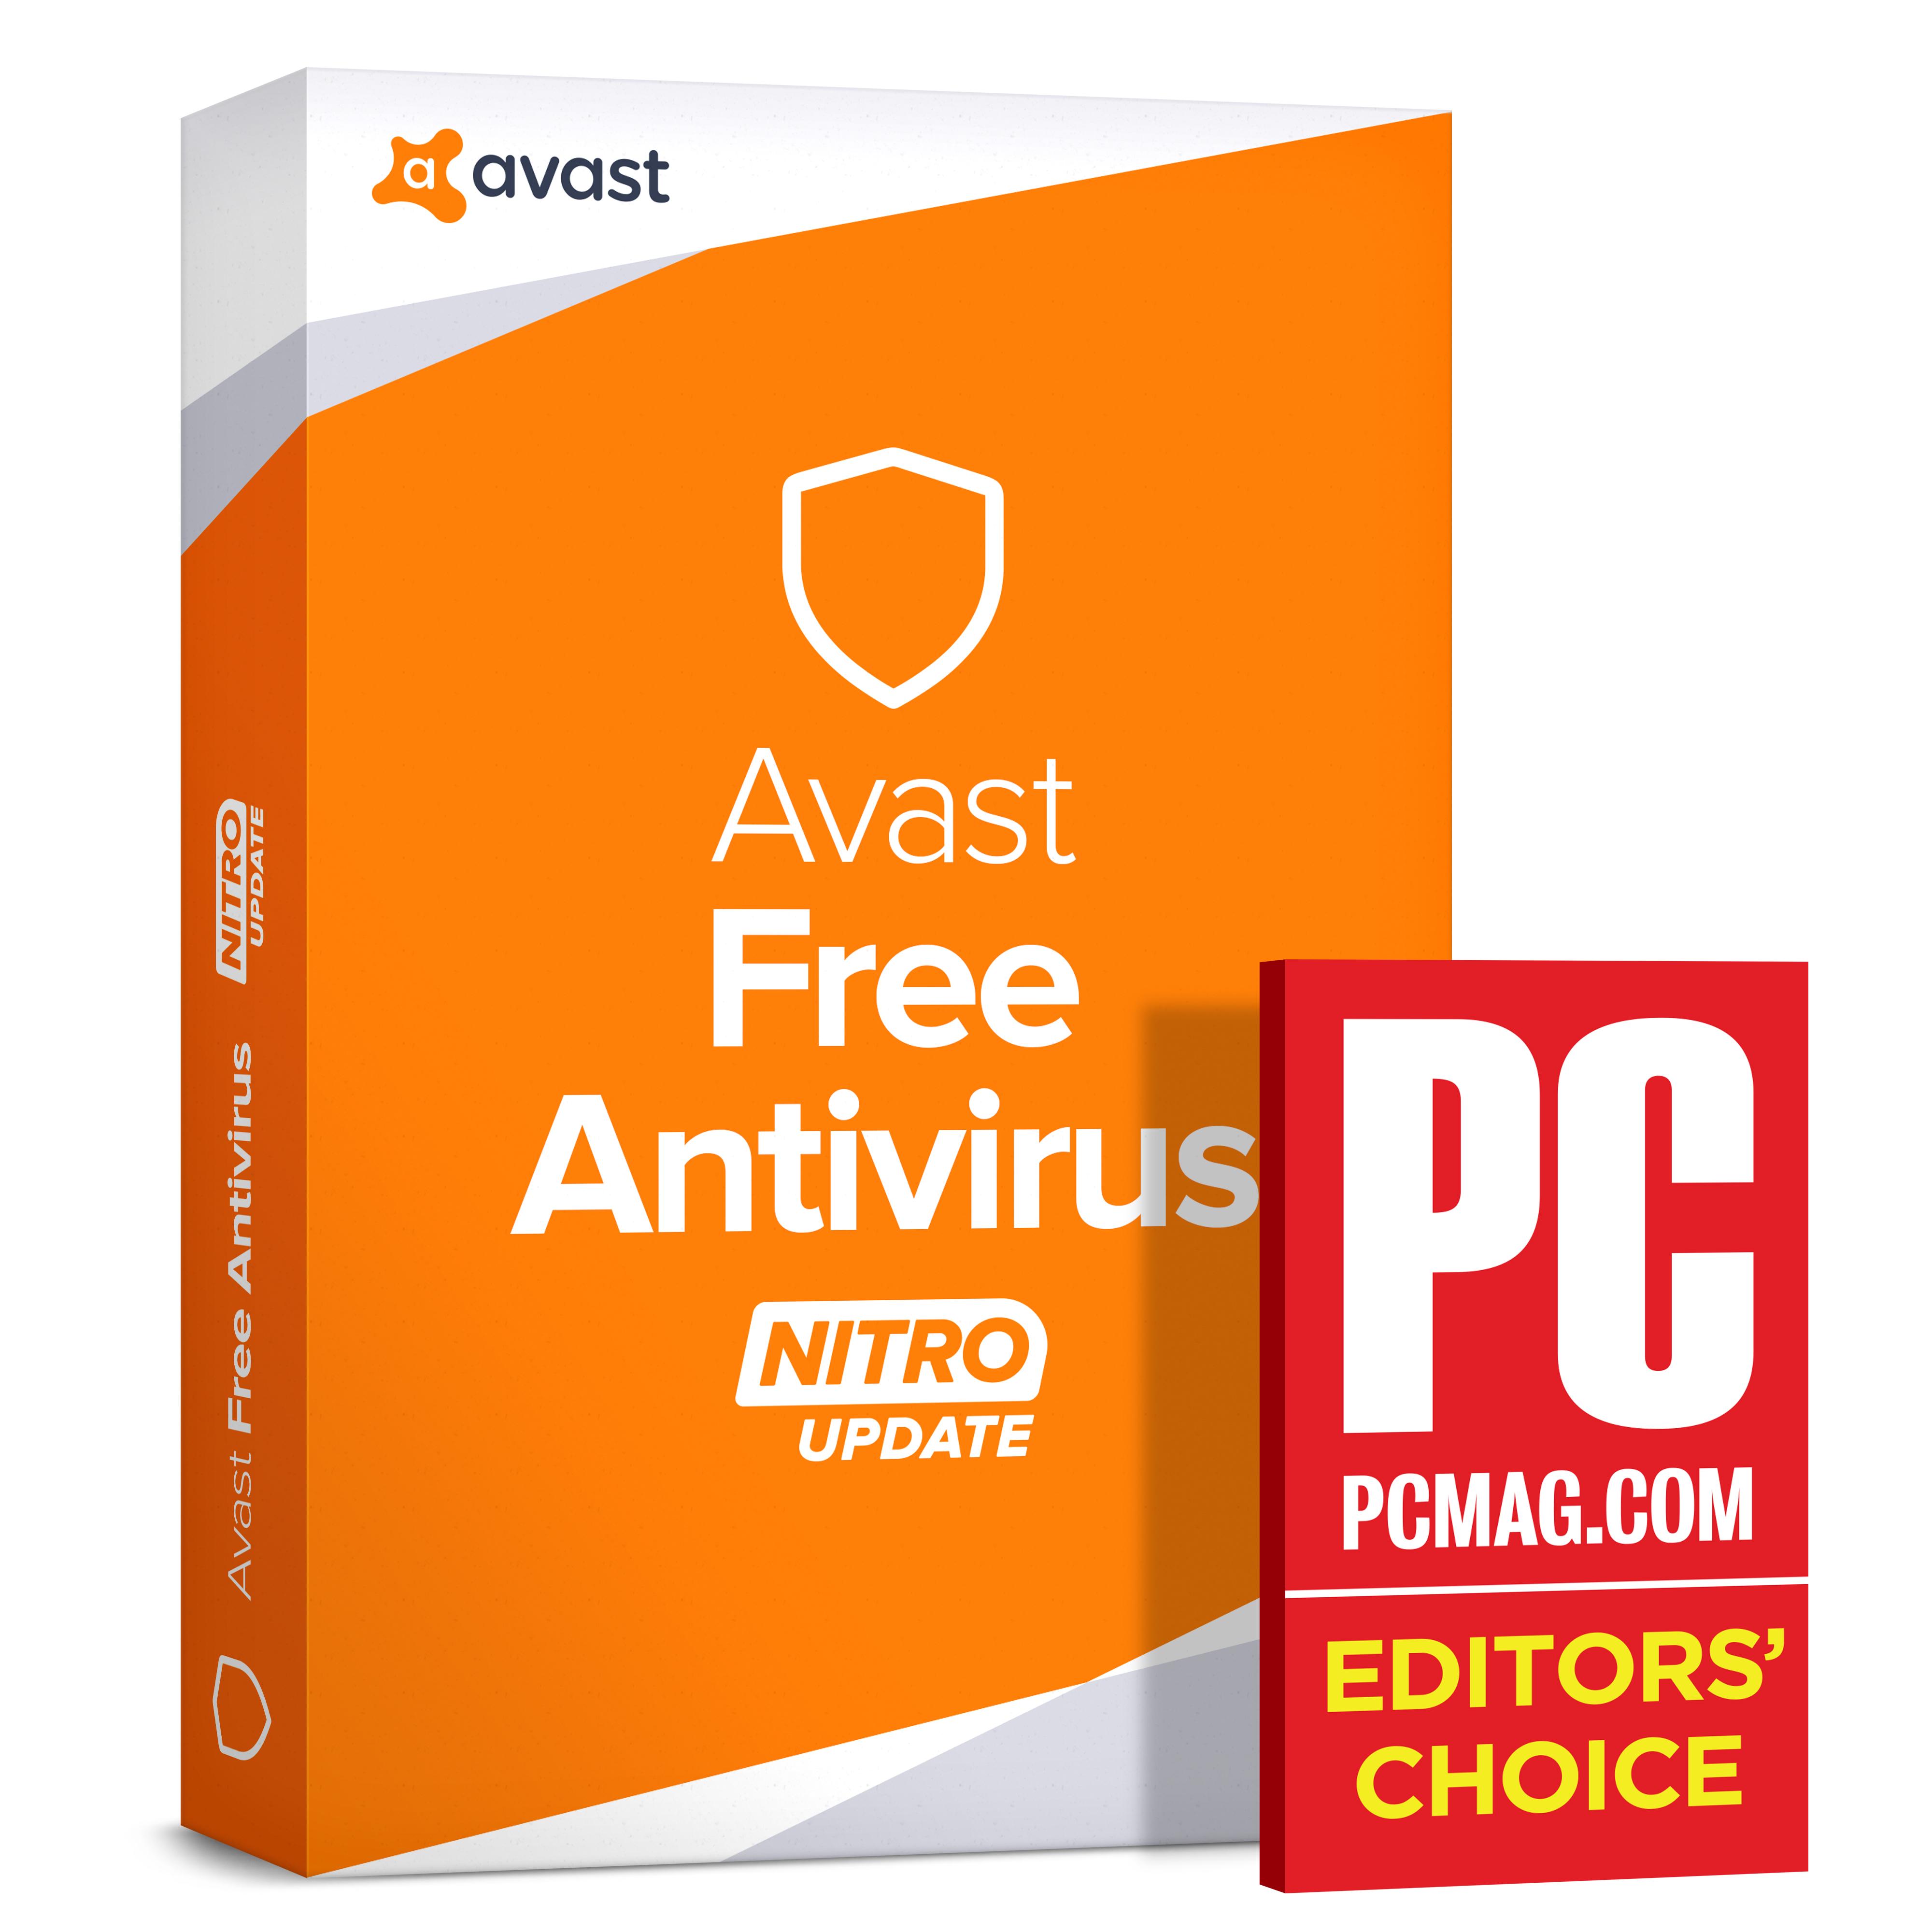 avast-free-antivirus-nitro-update-download